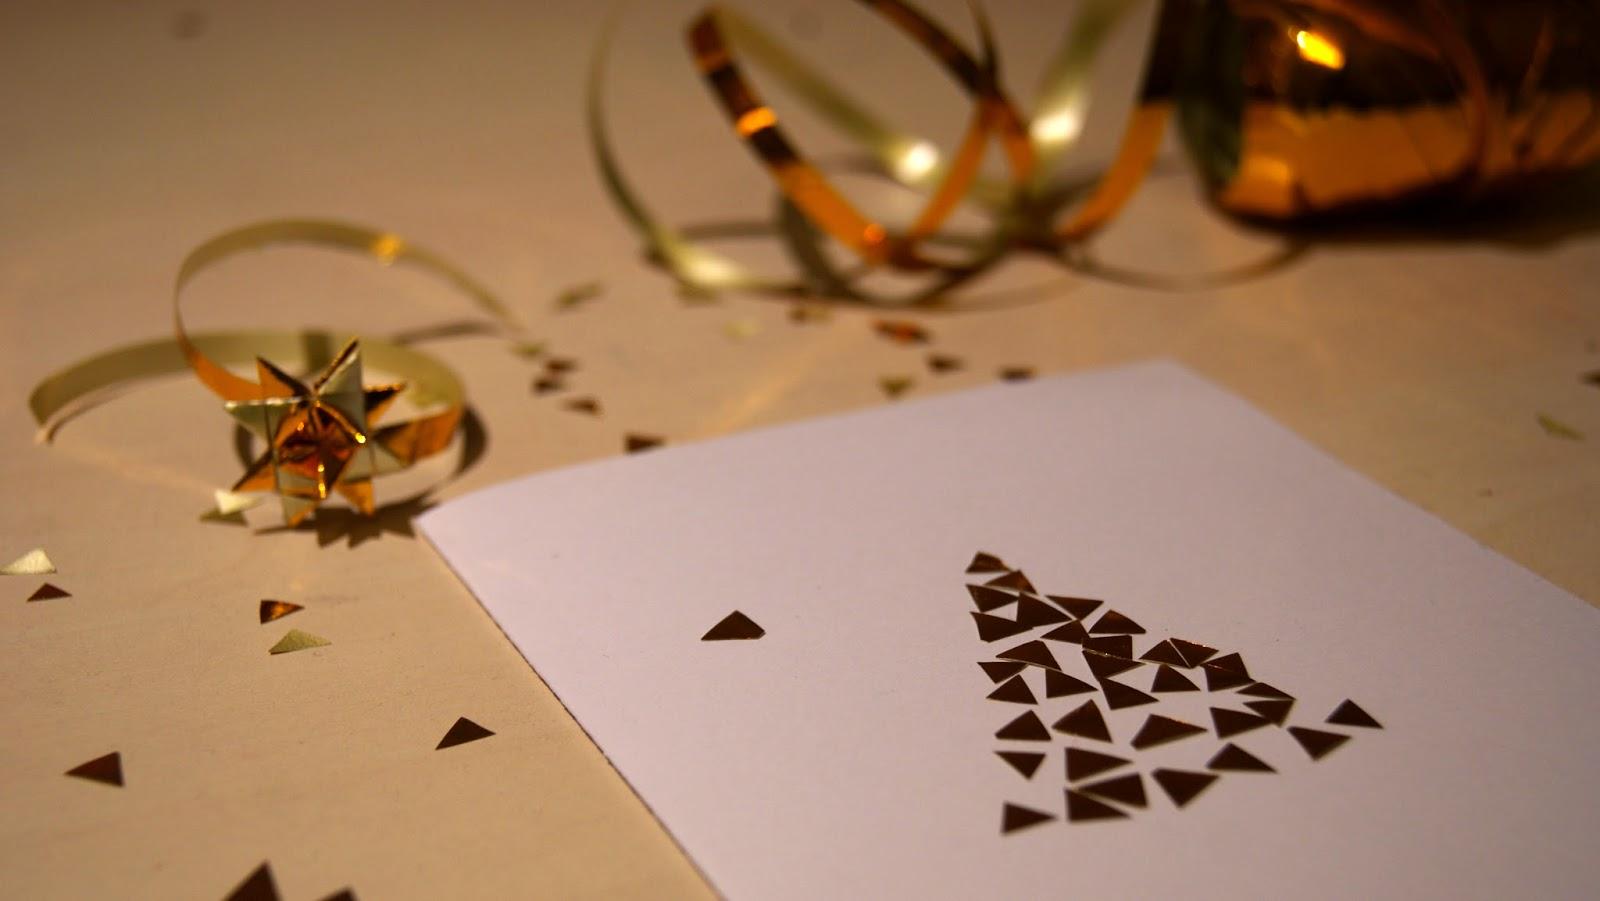 kartki świąteczne pomysły inspiracje diy złota mozaika choinka